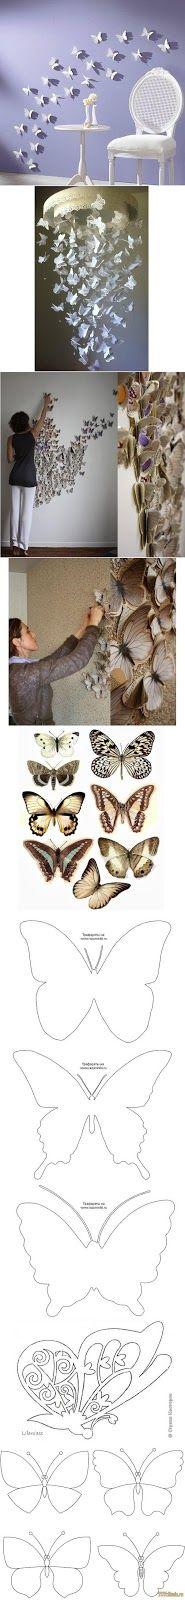 dekorasyonda kelebek kullanımı